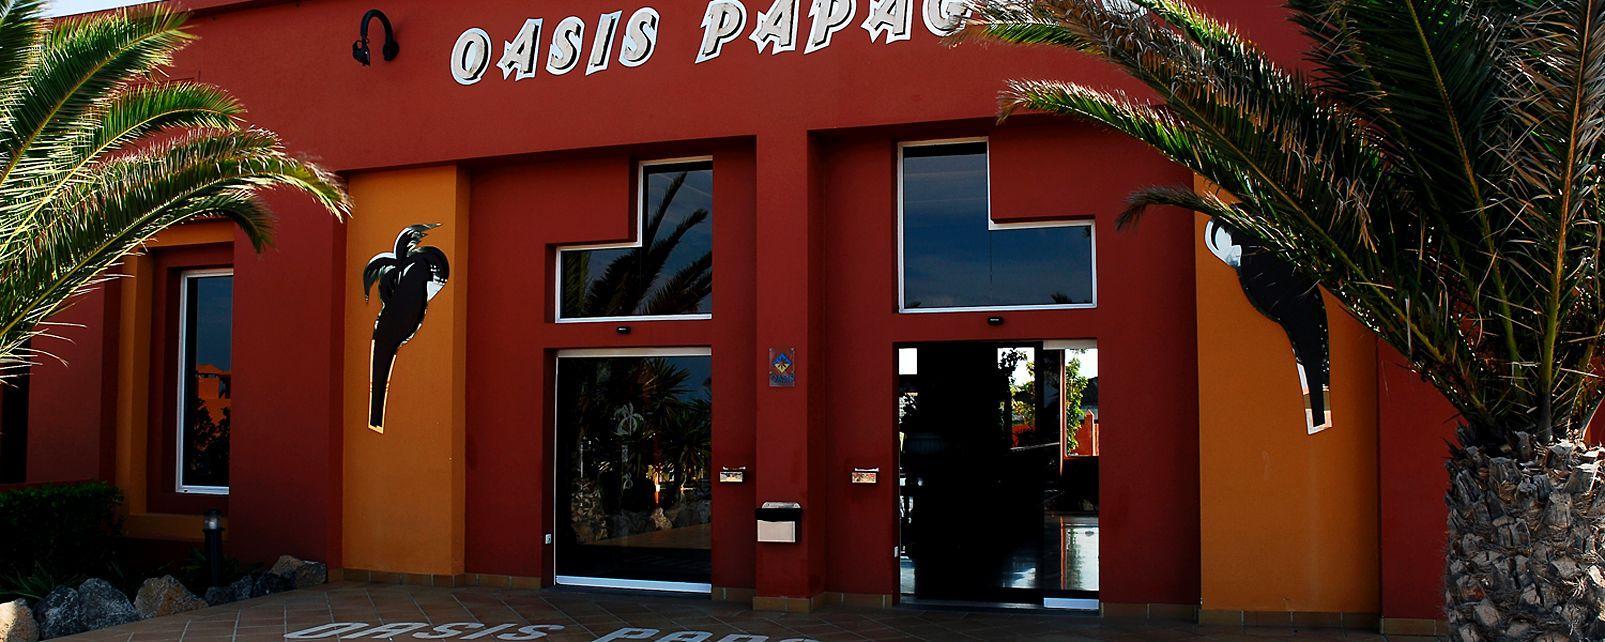 Hotel Oasis Papagayo